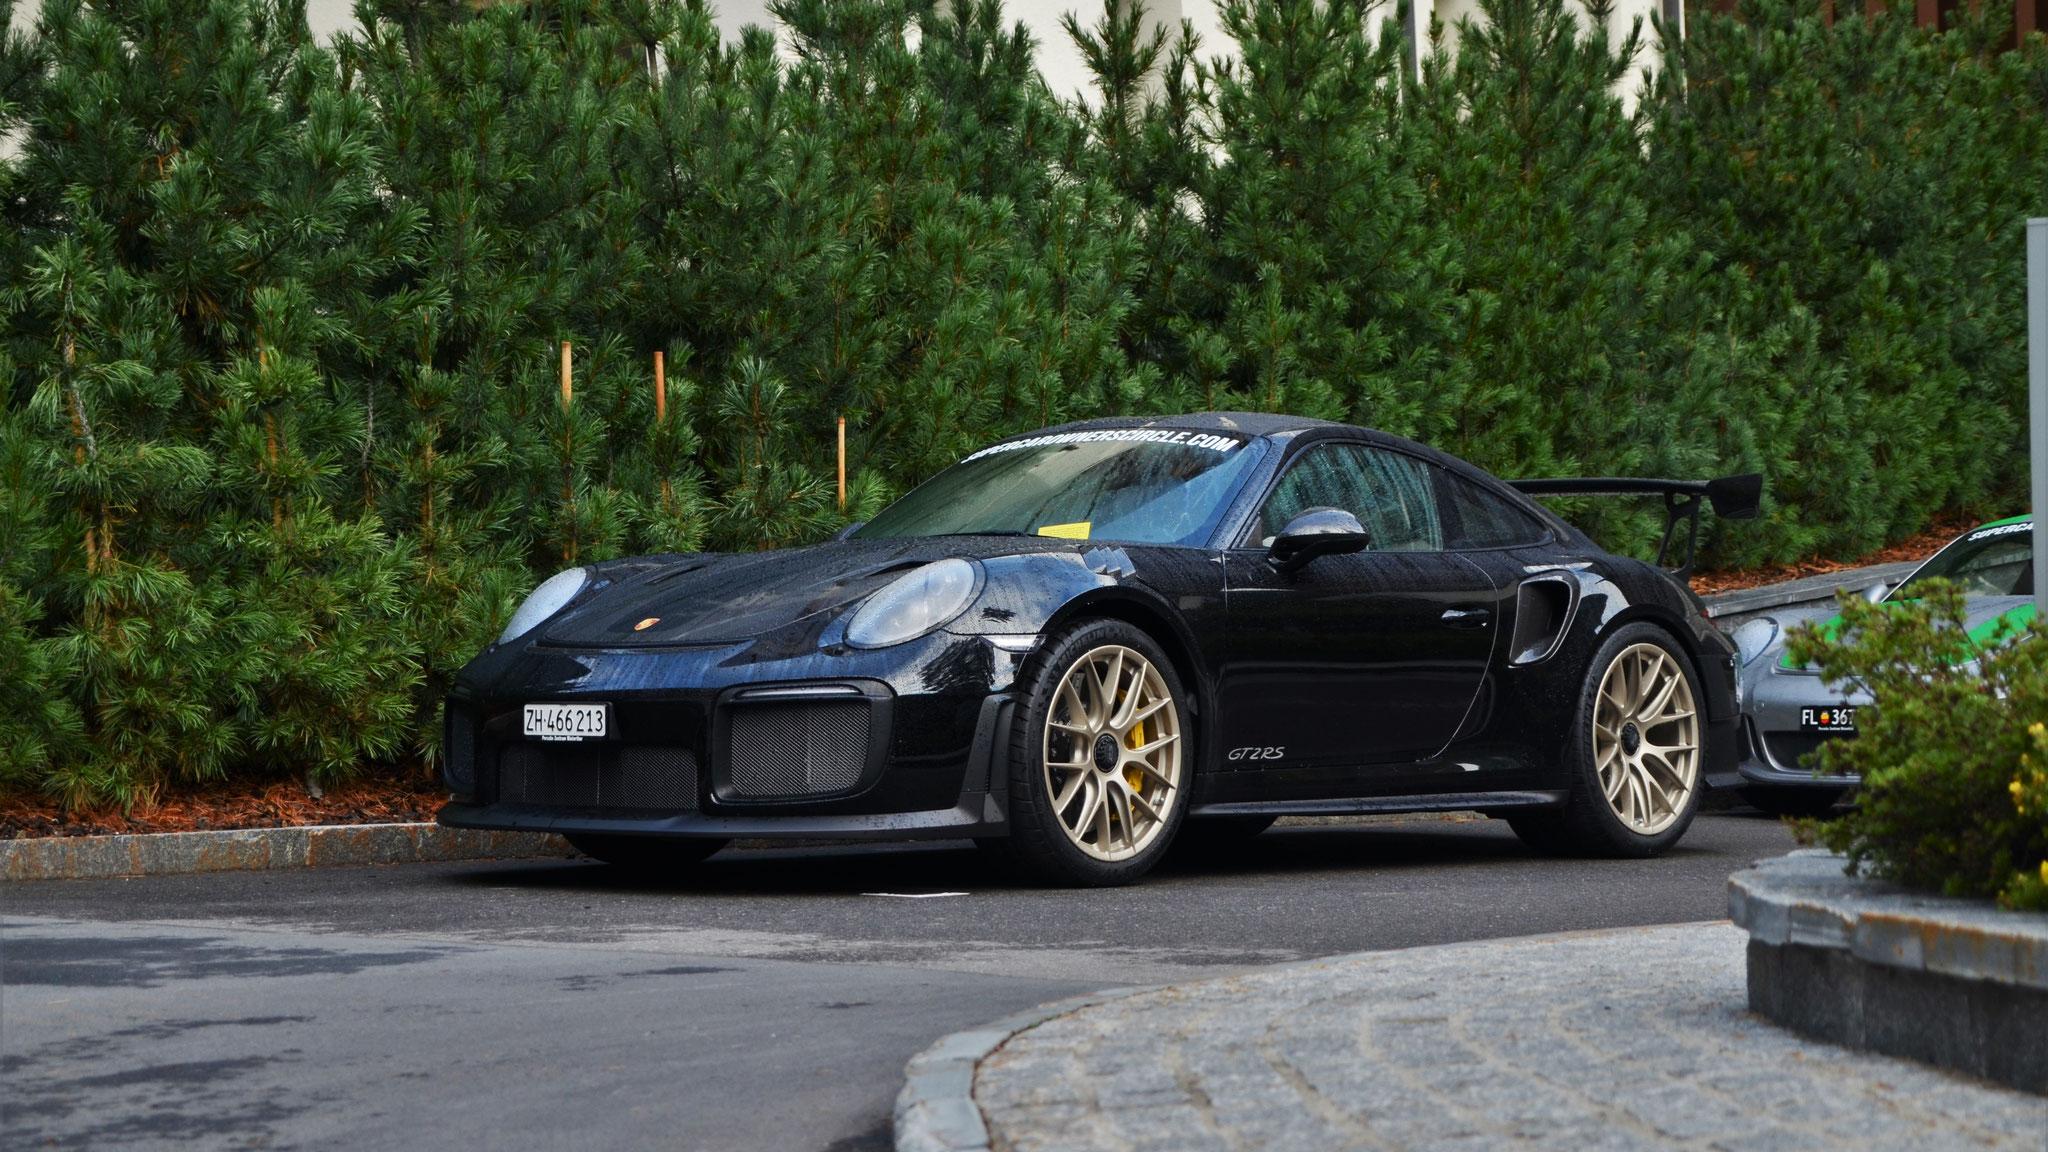 Porsche 911 GT2 RS - ZH-466213